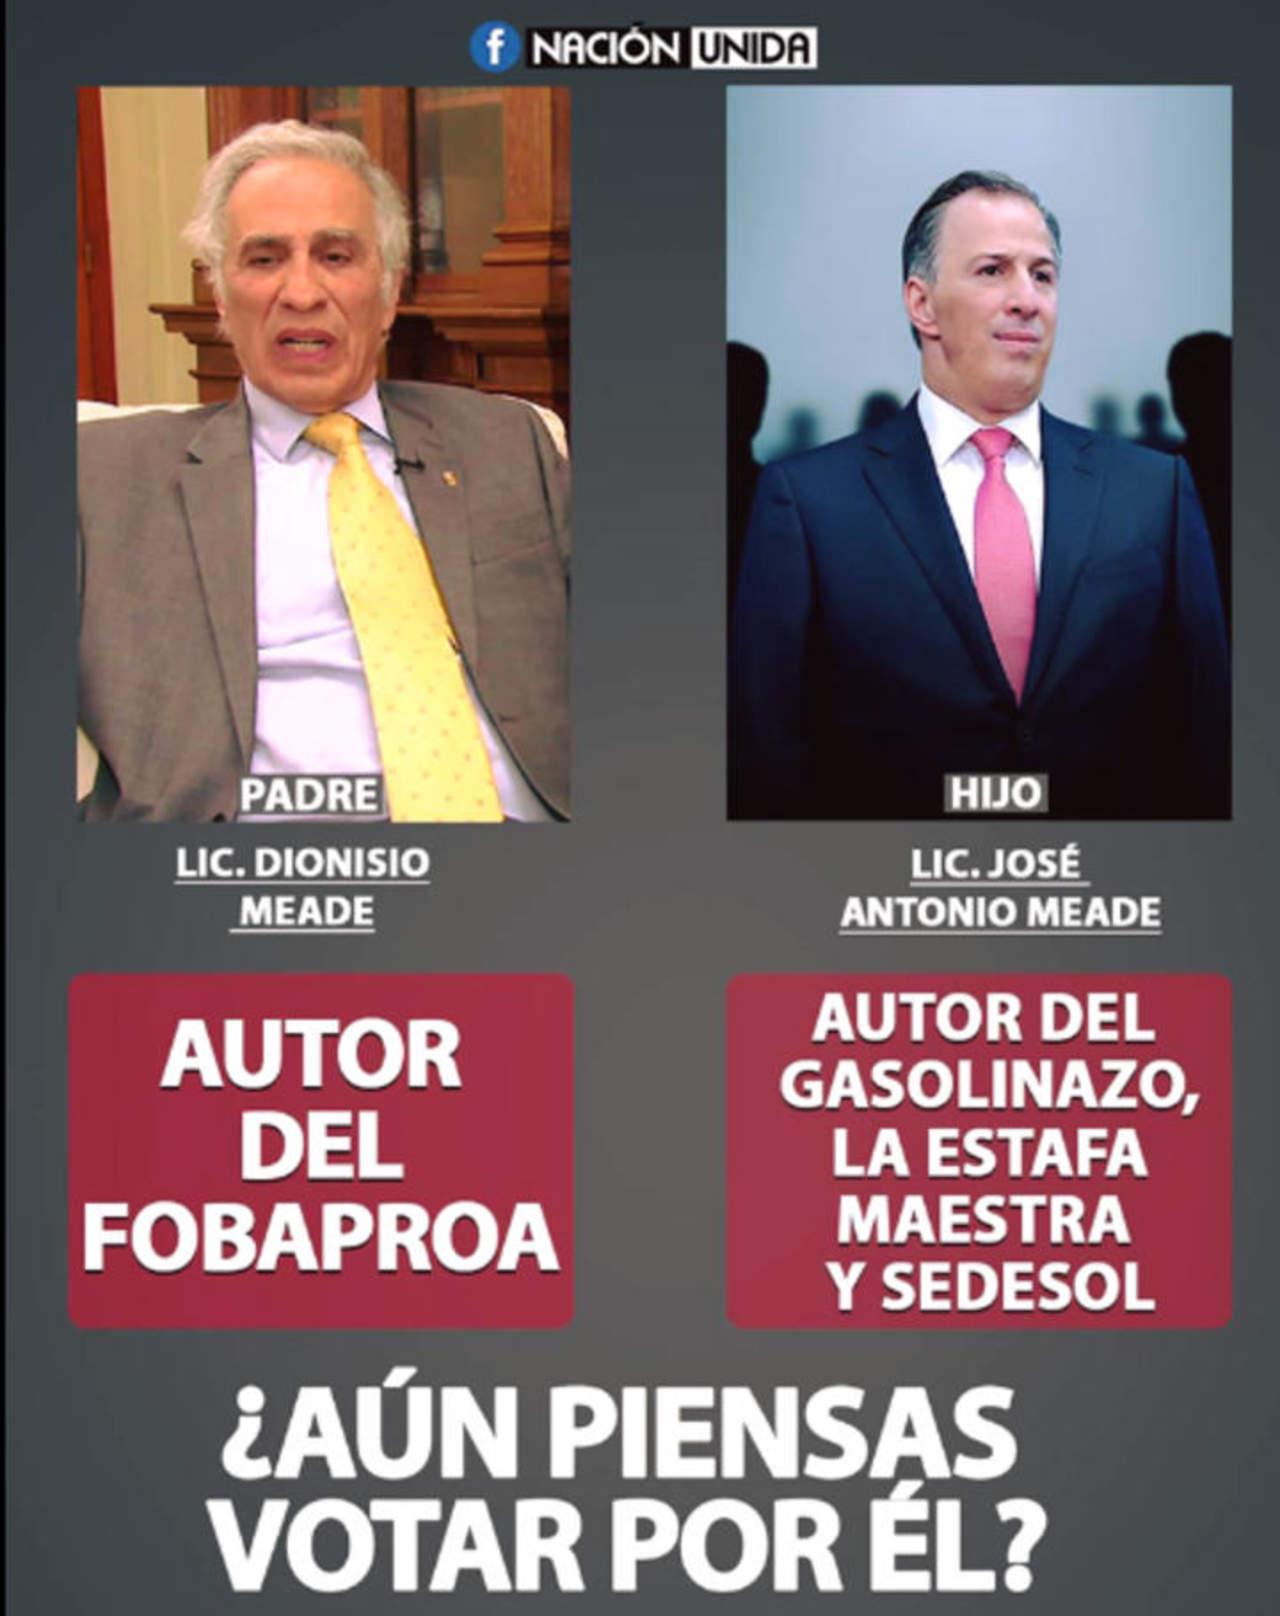 Padre de José Antonio Meade no es el autor del Fobaproa